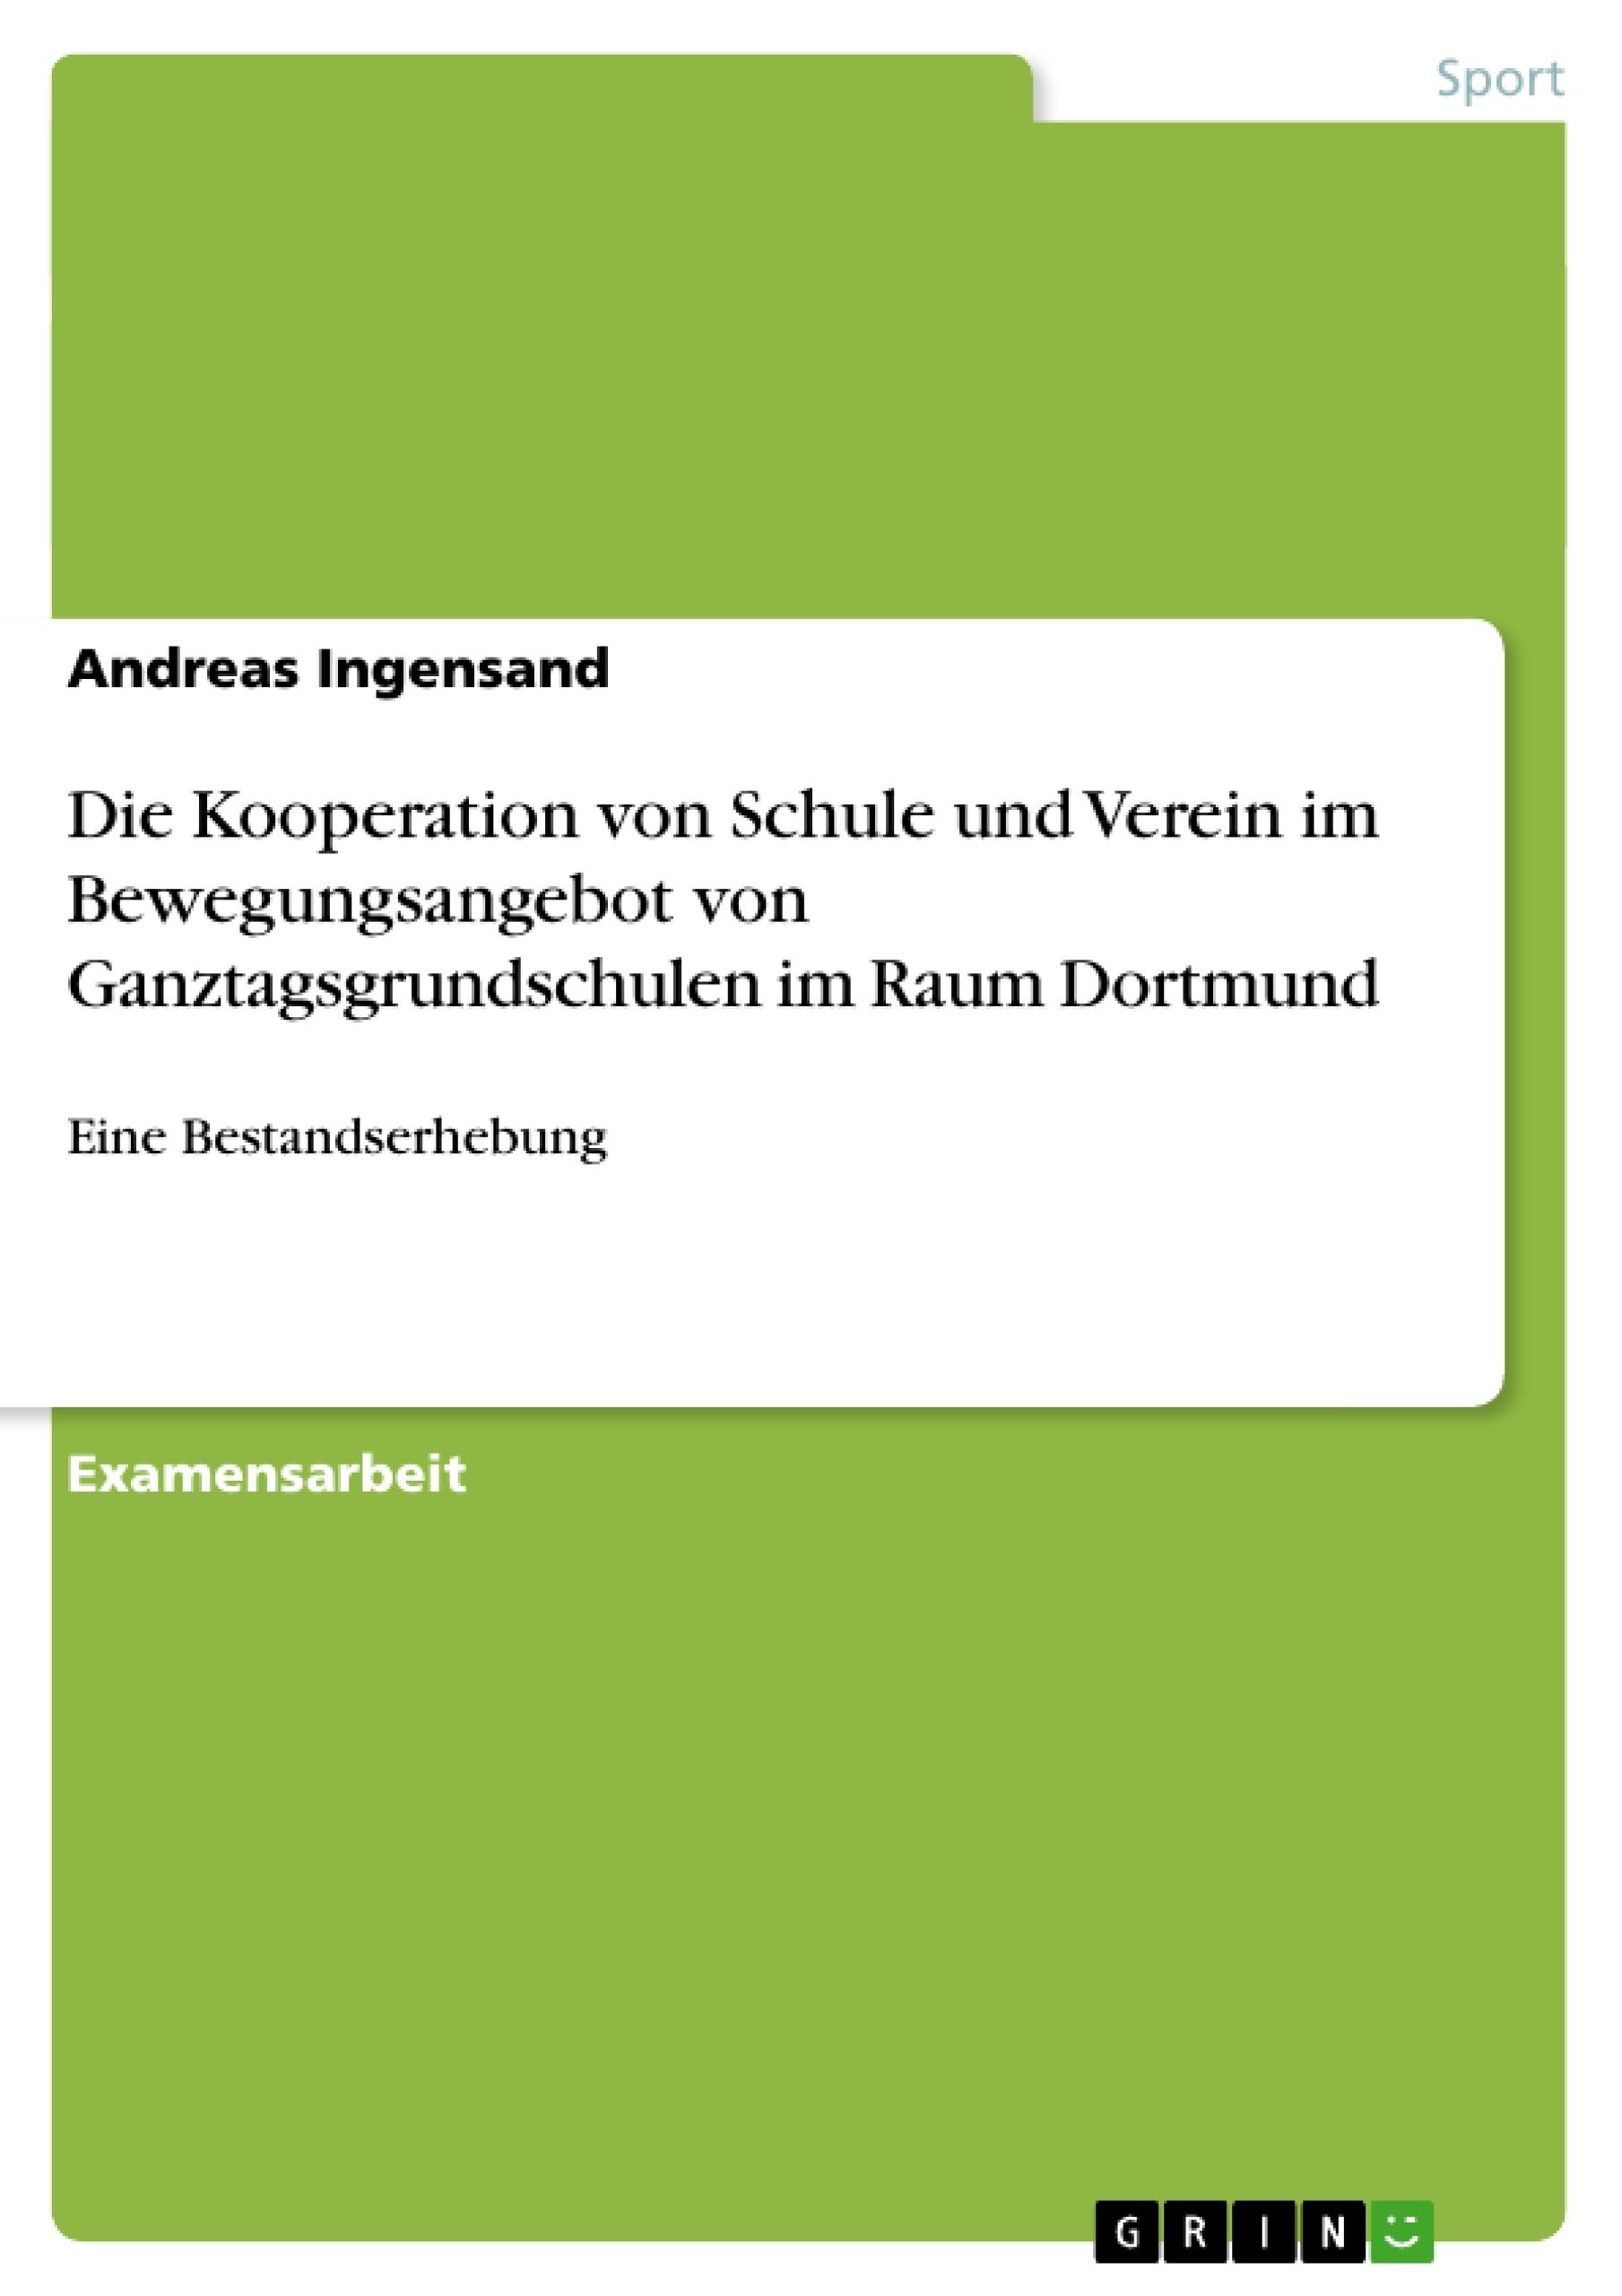 Titel: Die Kooperation von Schule und Verein im Bewegungsangebot von Ganztagsgrundschulen im Raum Dortmund